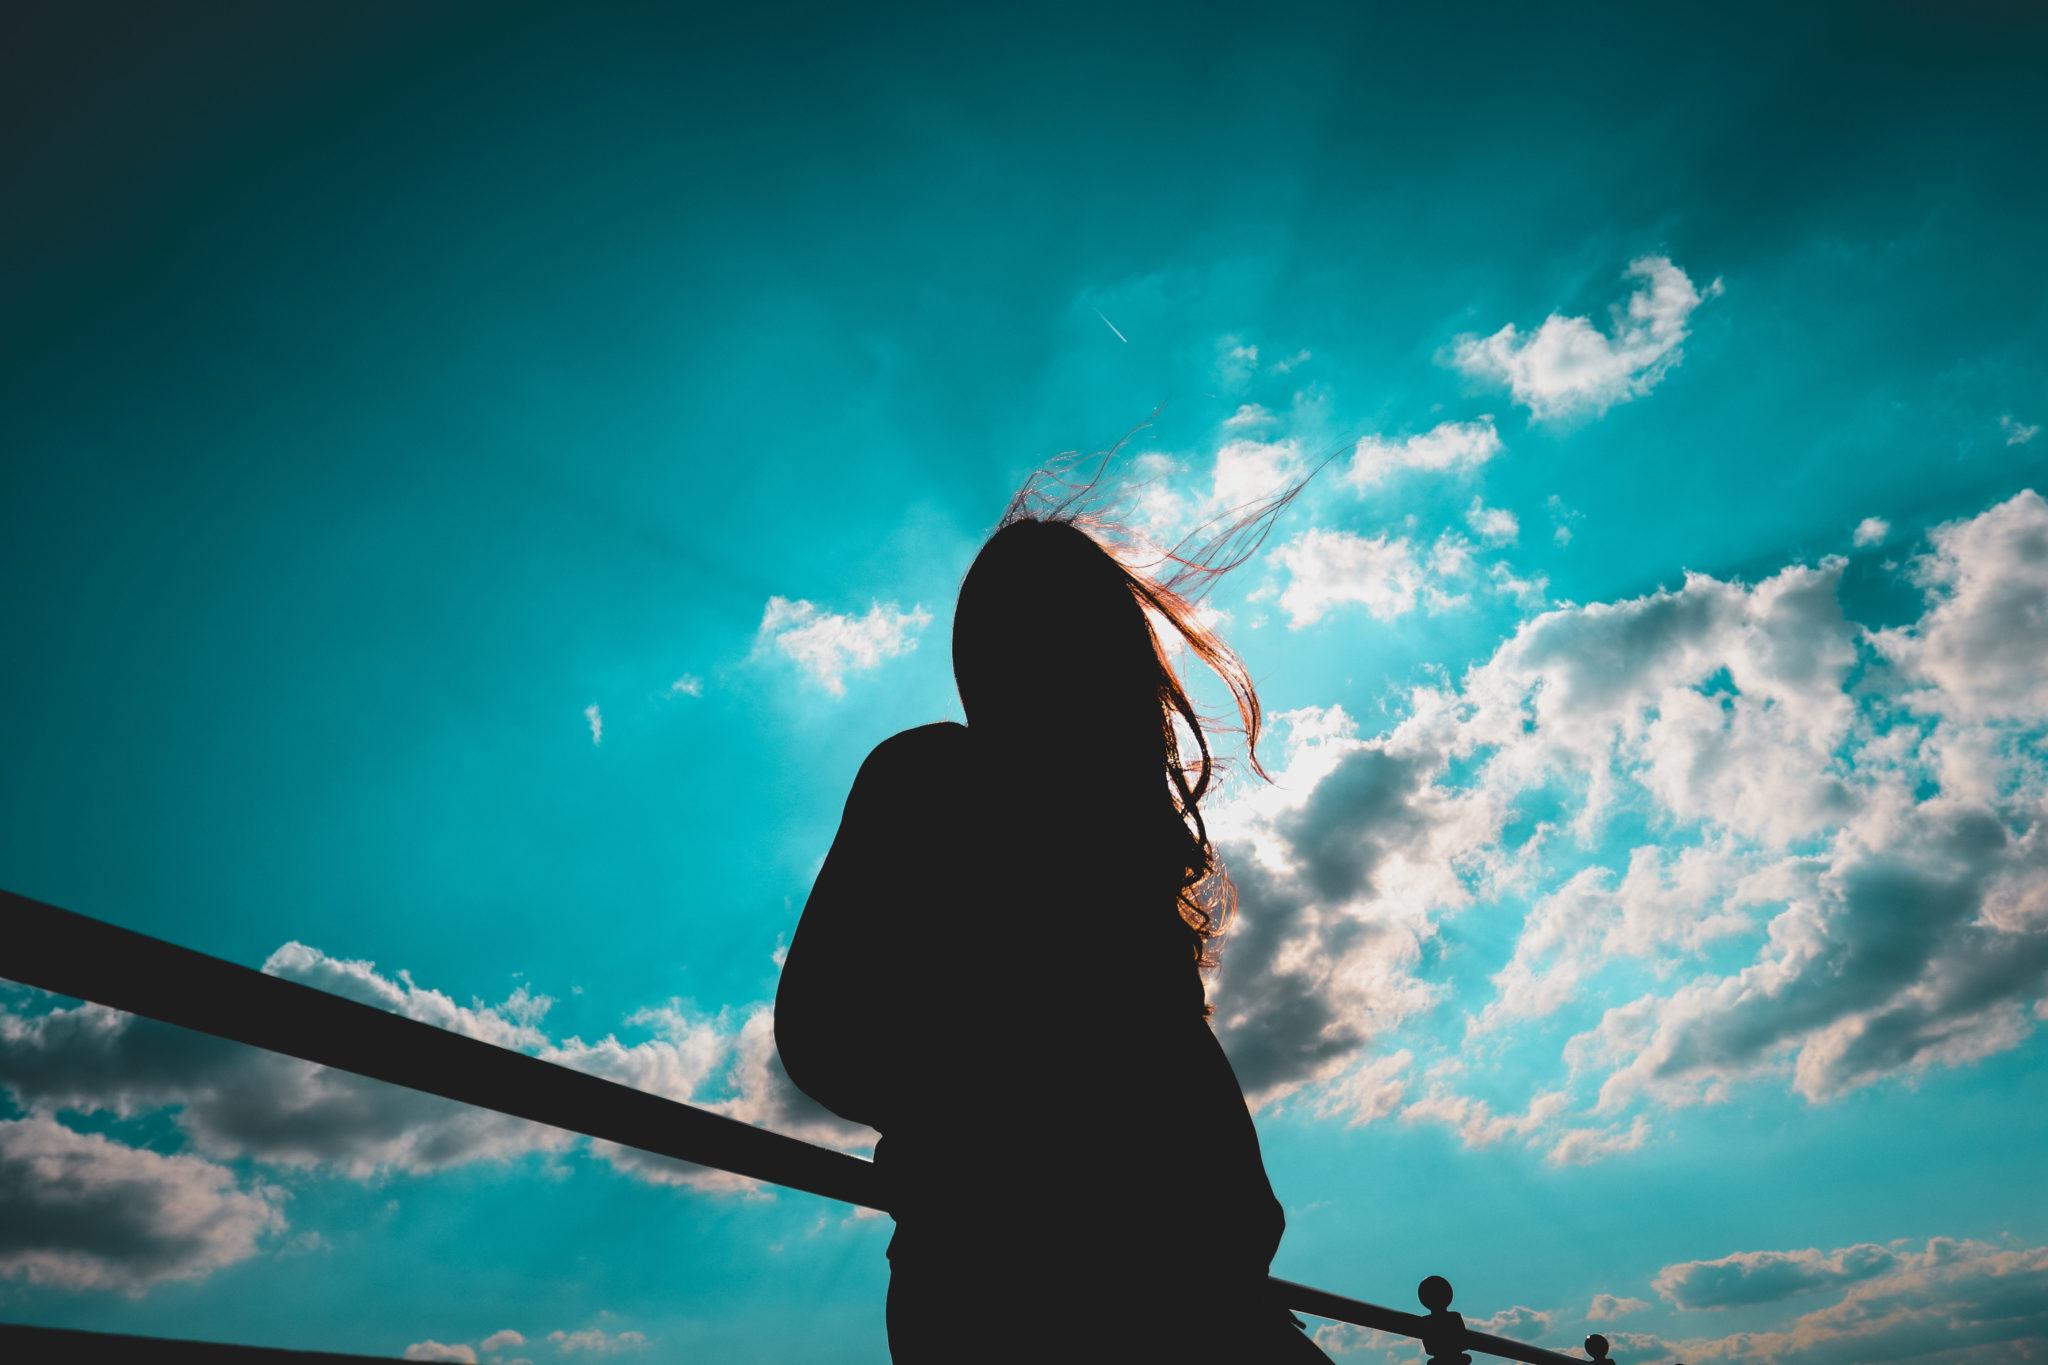 Tytön siluetti sinistä taivasta vasten.